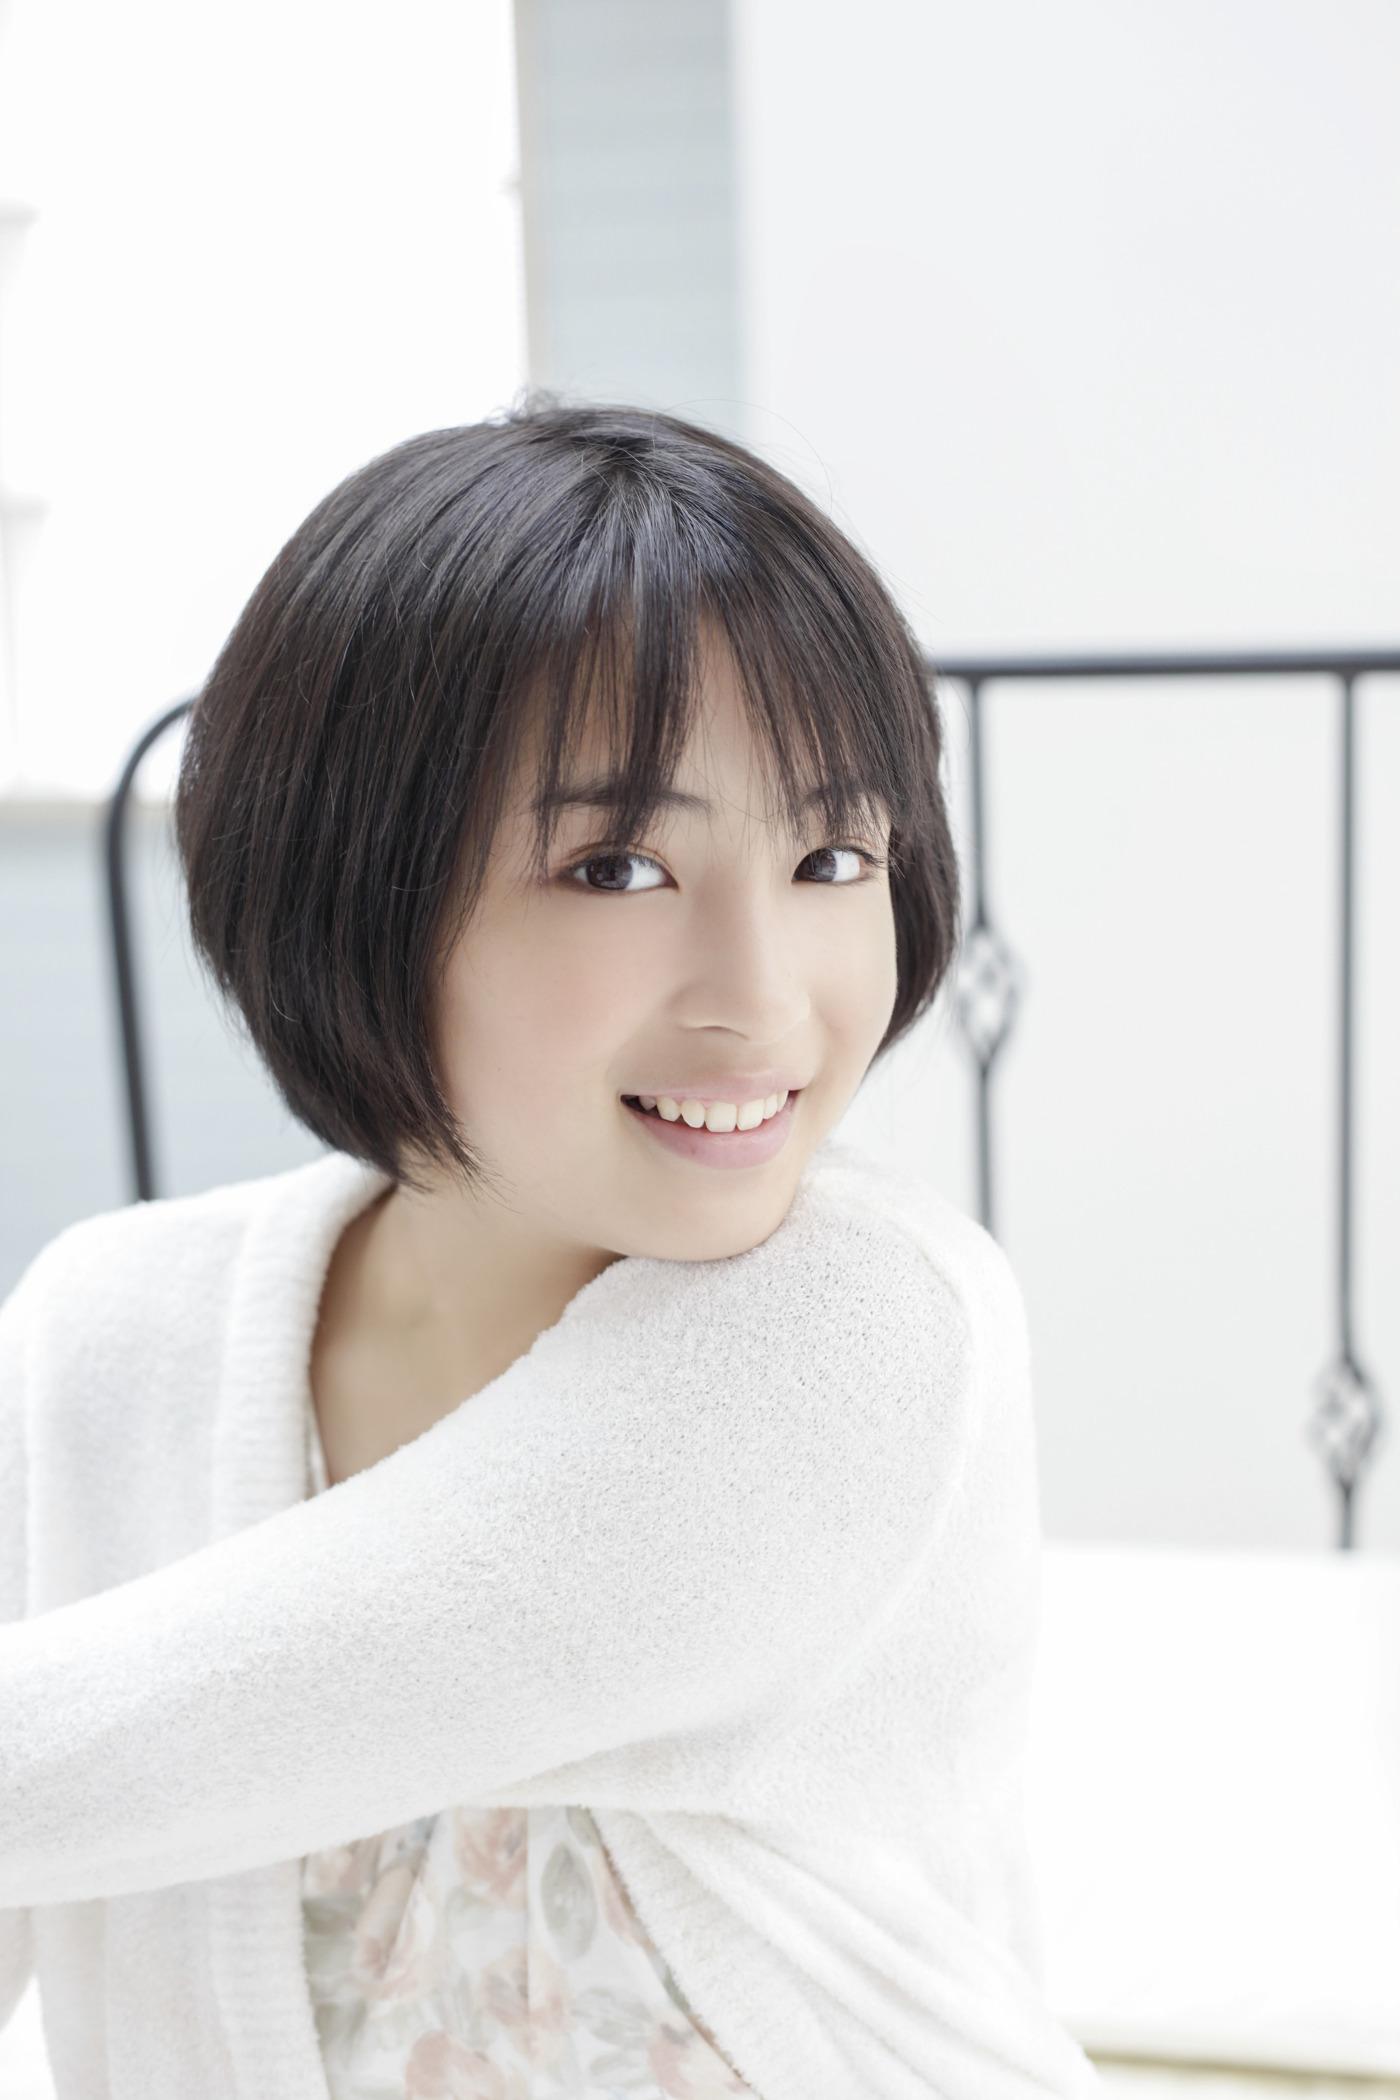 画像 女優 広瀬すず 画像まとめ 110枚以上 水着 壁紙 Naver